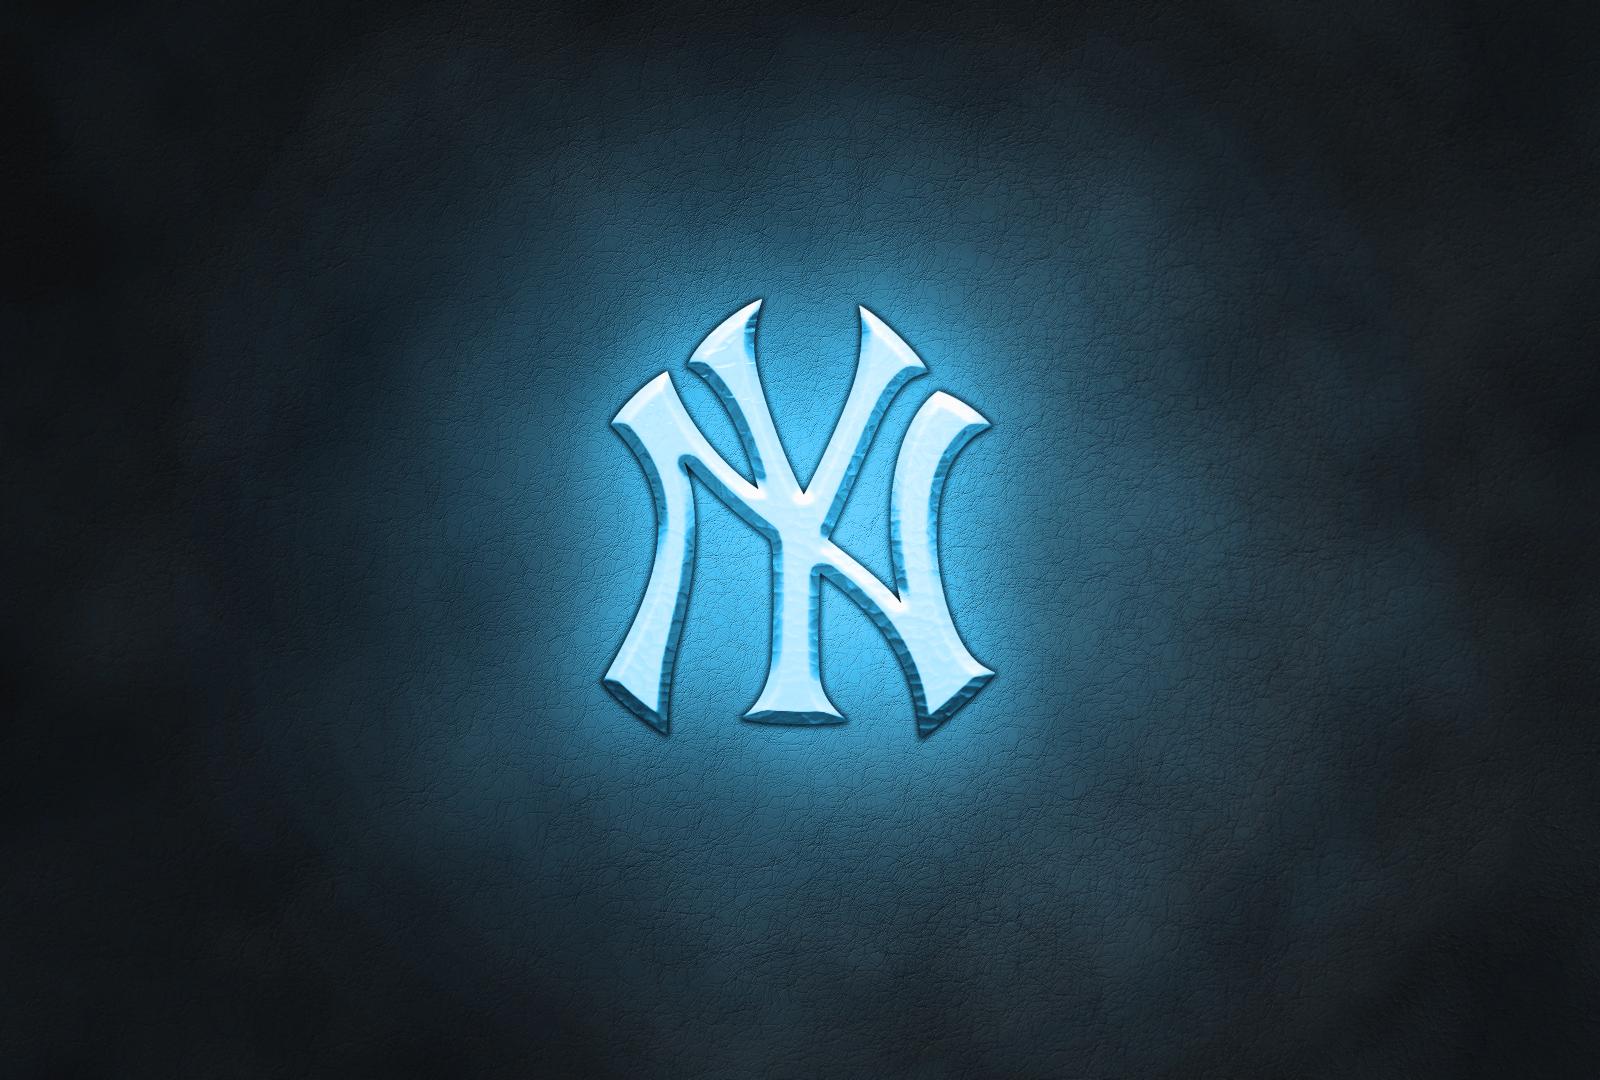 New York Yankees HD desktop wallpaper New York Yankees wallpapers 1600x1080